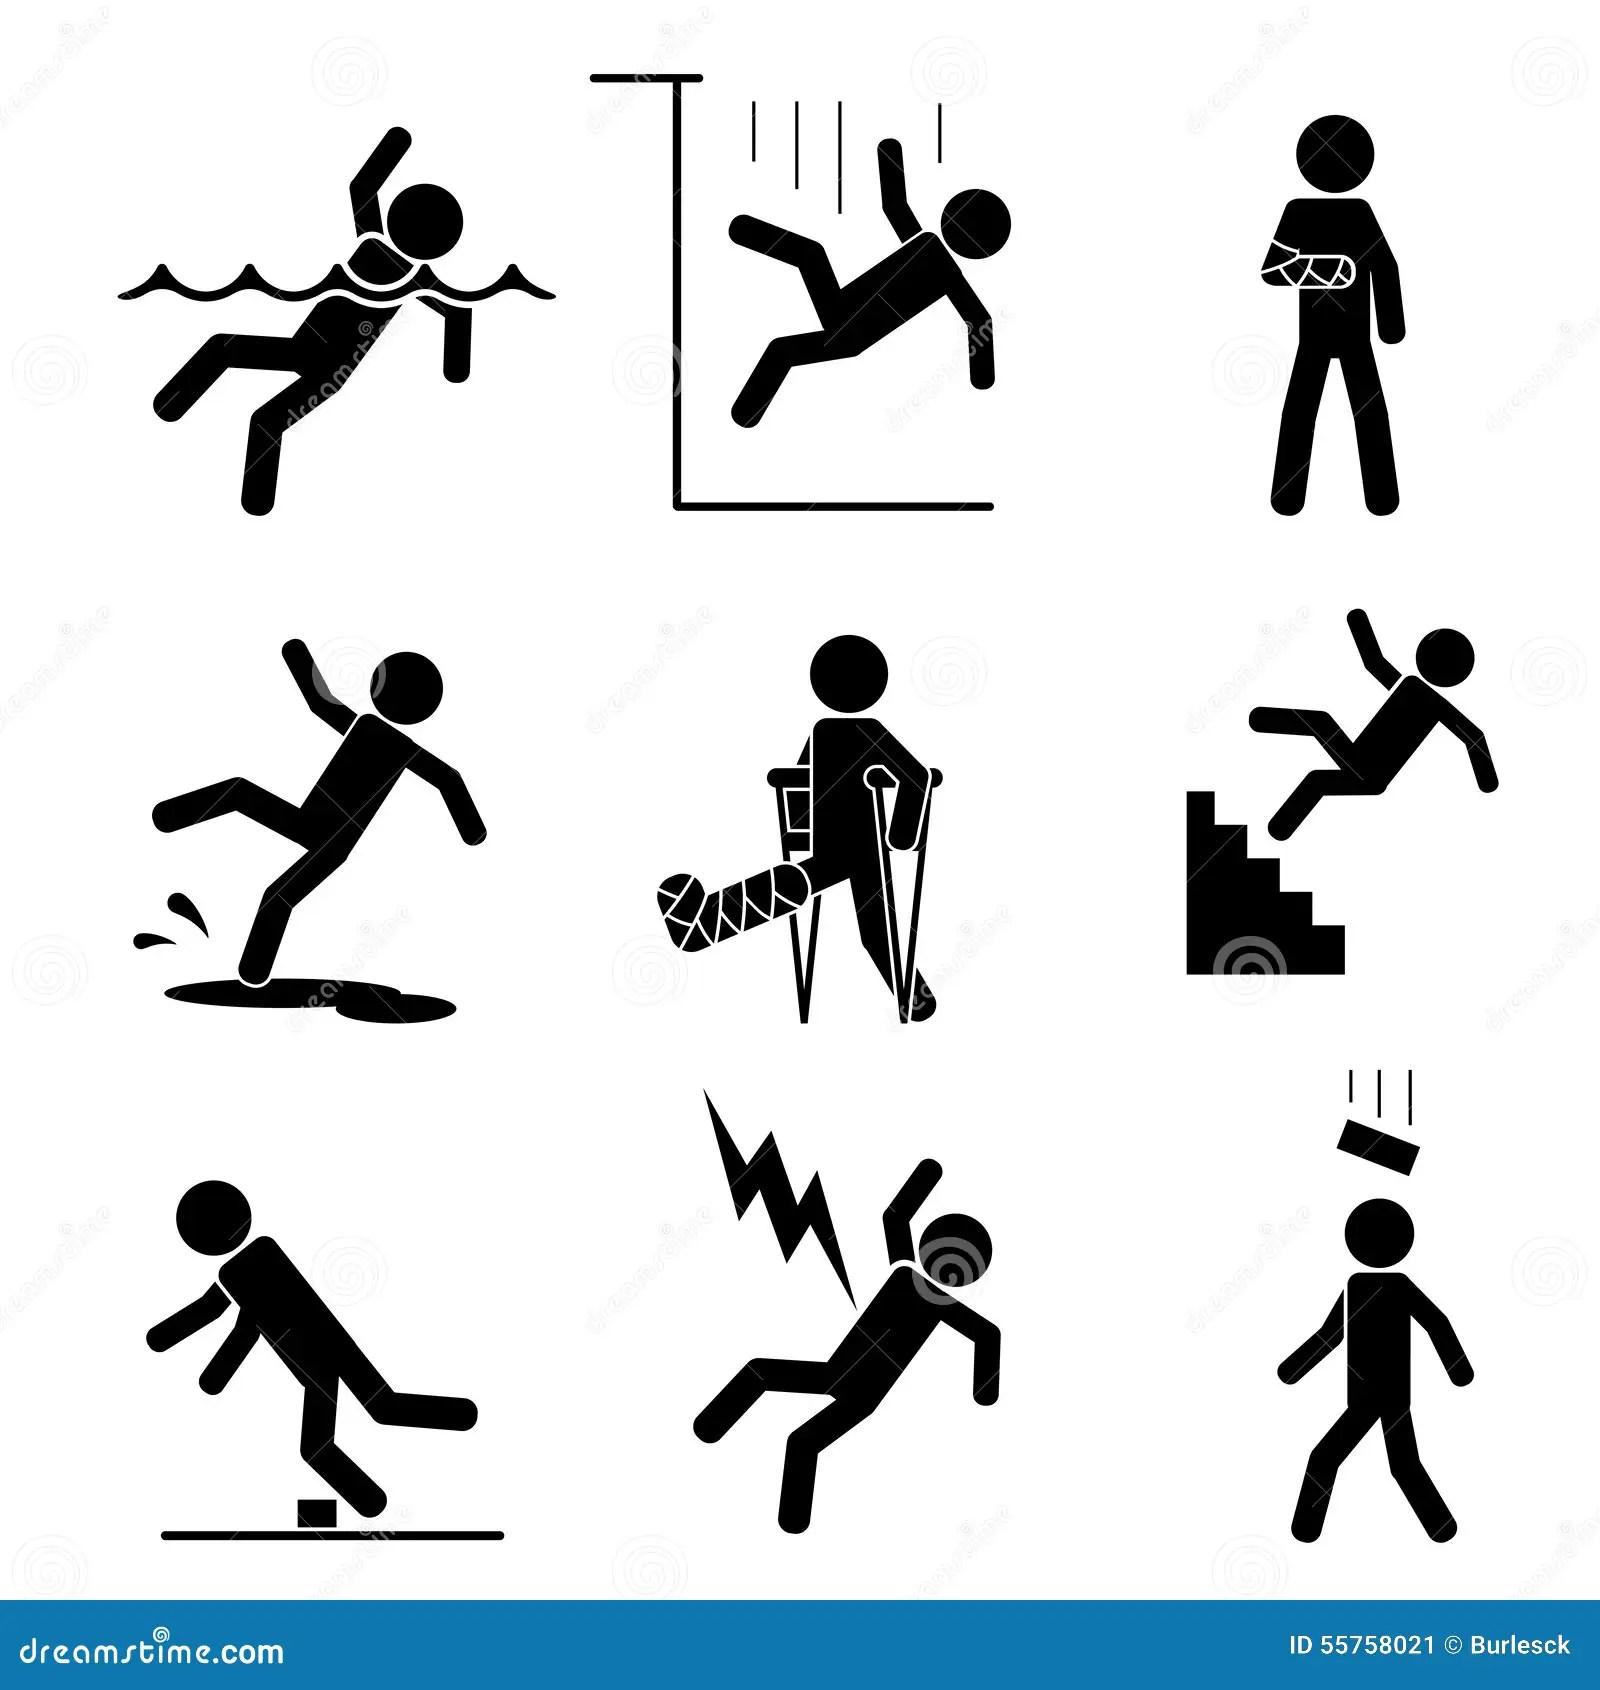 Icones Da Seguranca E Do Acidente Ilustracao Do Vetor